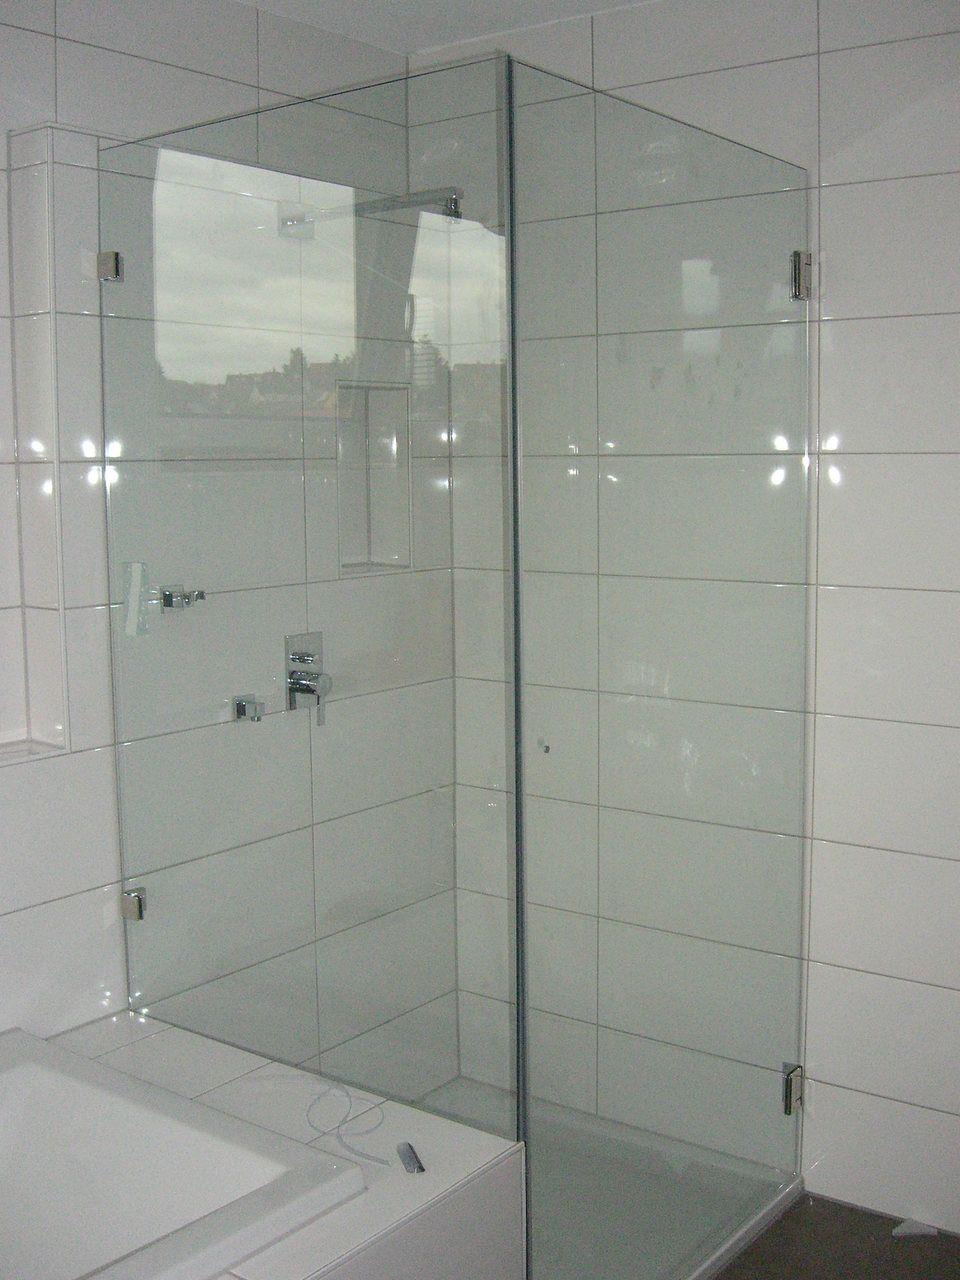 Eckdusche Eckduschen Kleines Bad Badewanne Badezimmer Mit Eckdusche